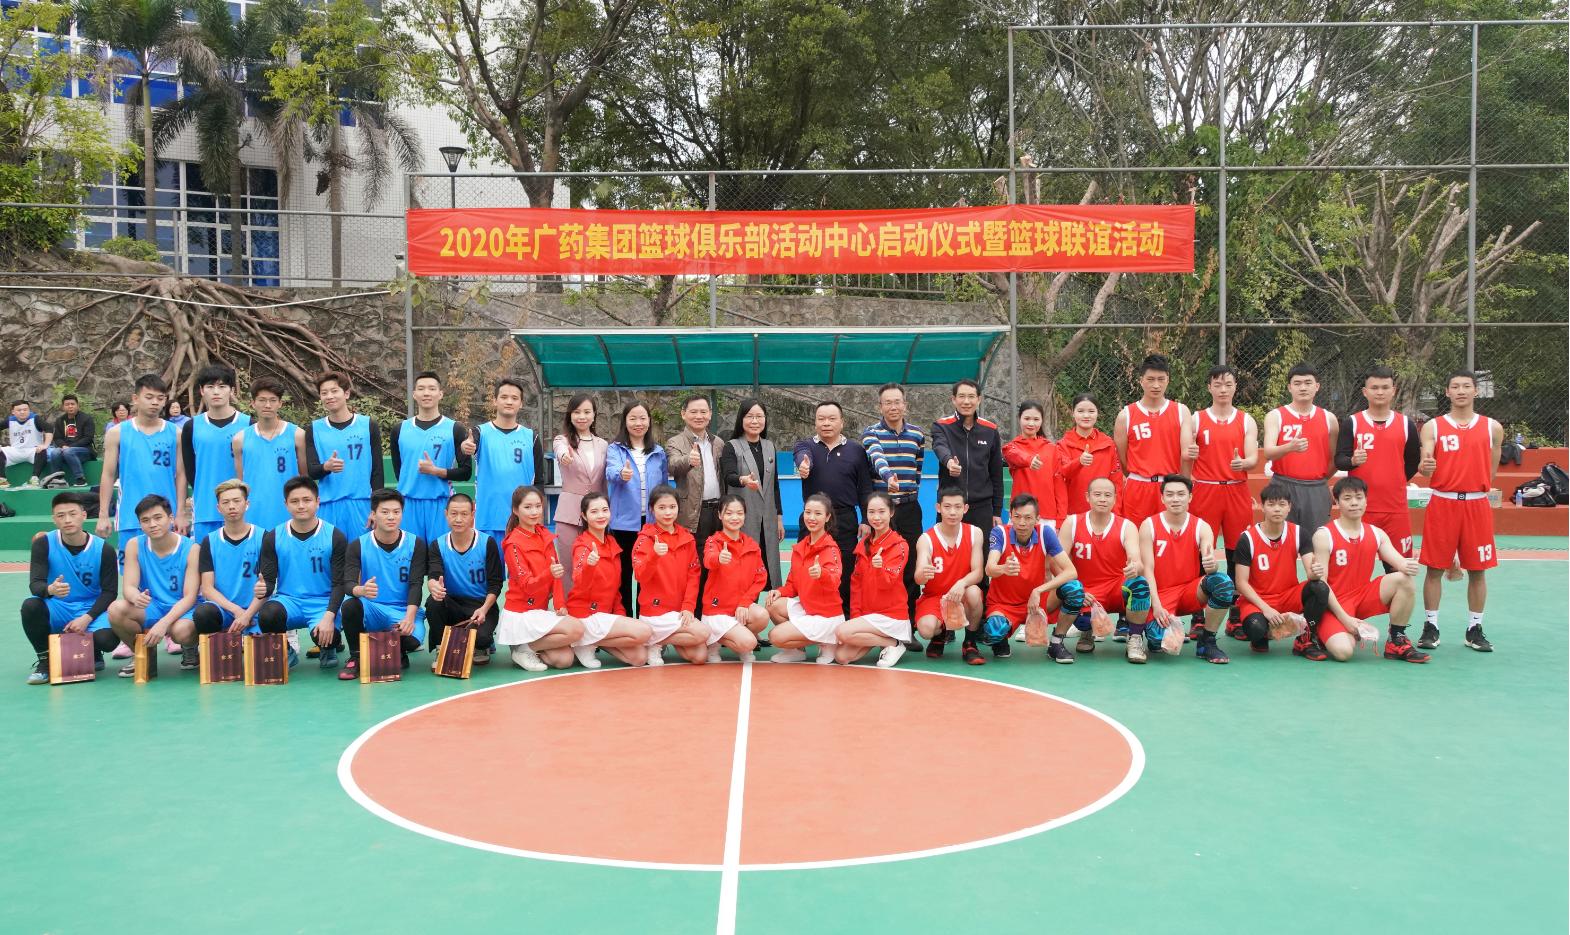 广药集团篮球俱乐部活动中心正式启用!